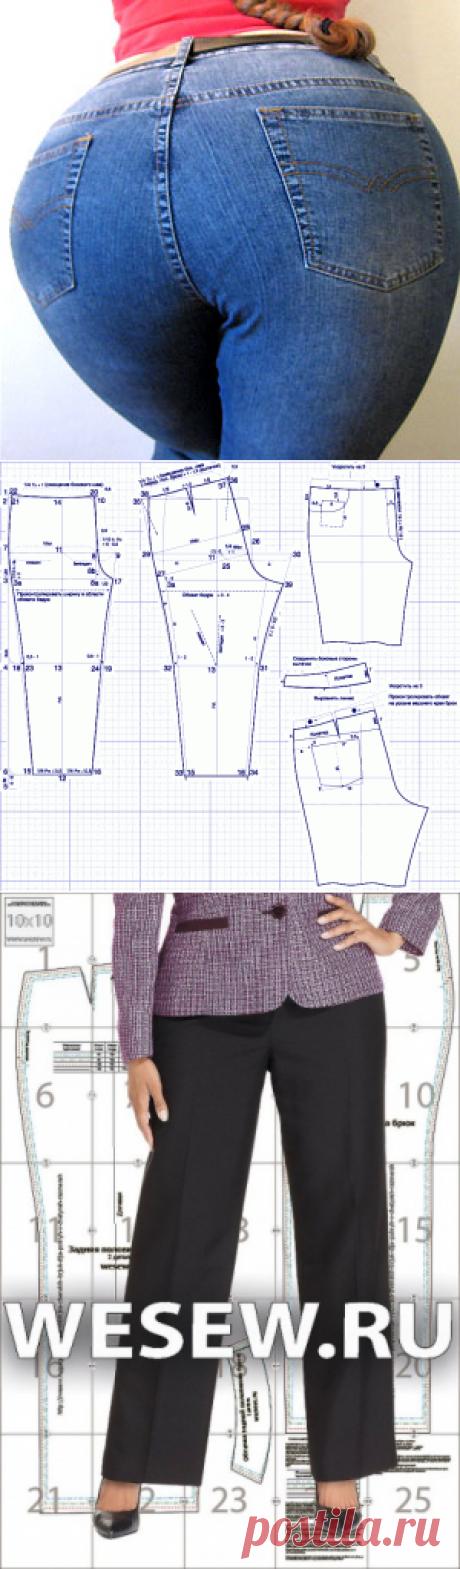 Поиск на Постиле: брюки для полных